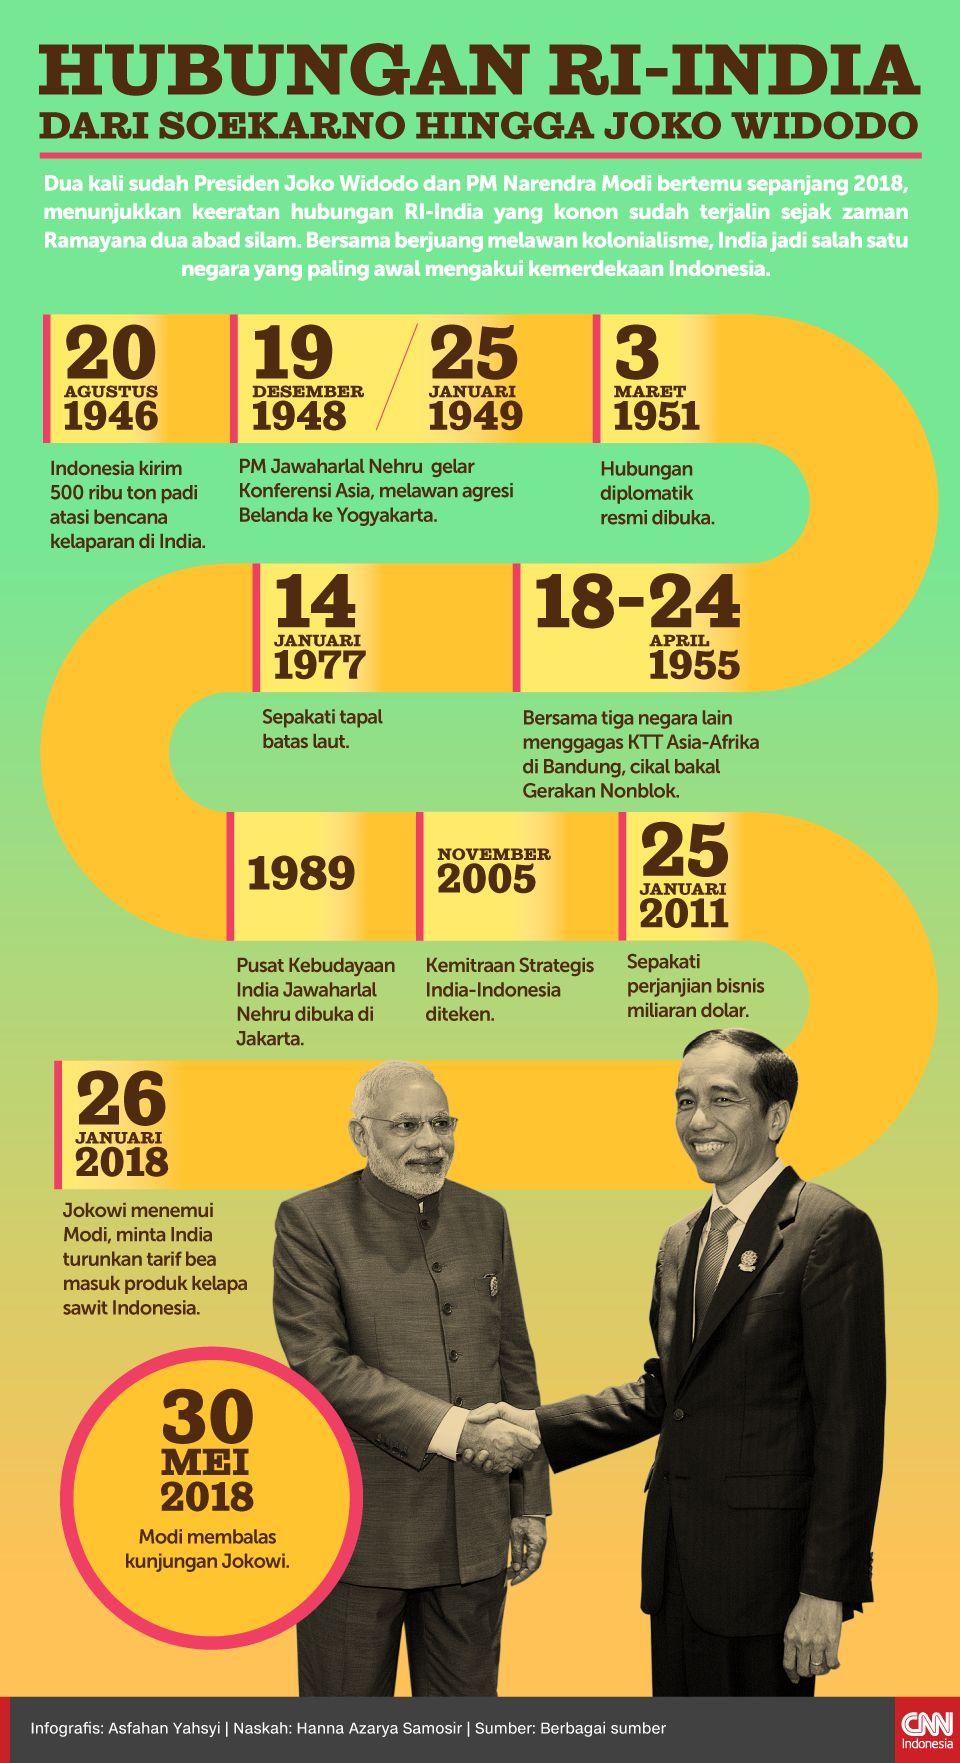 Infografis Hubungan RI-India, dari Soekarno hingga Joko Widodo